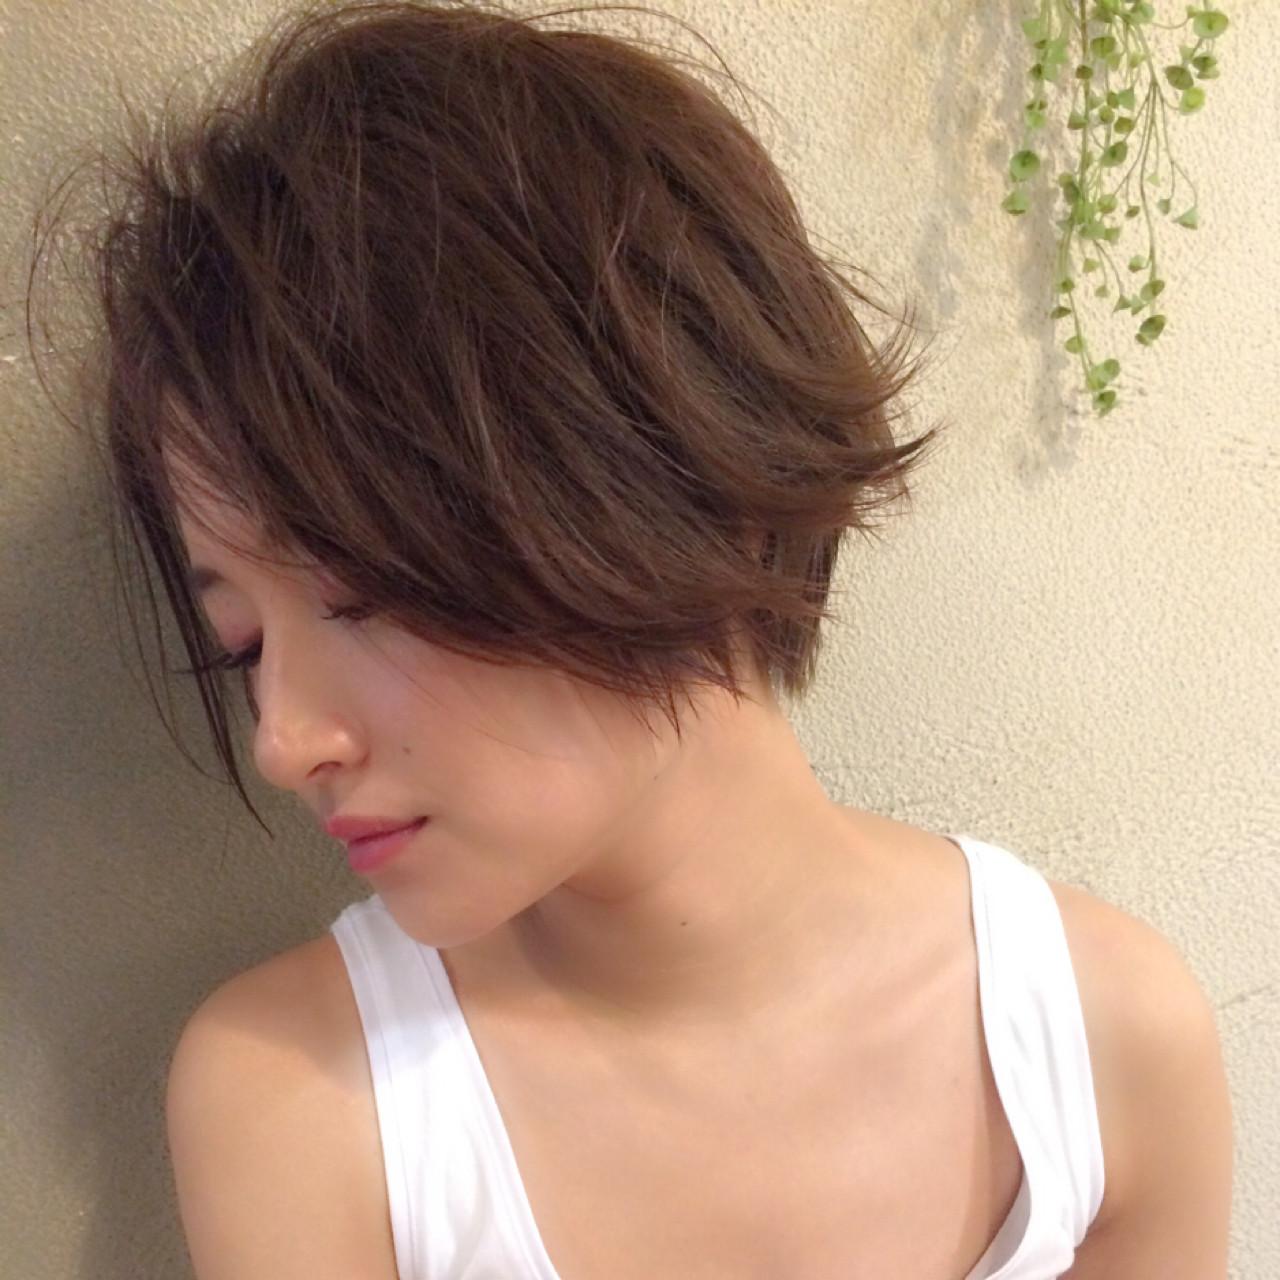 こなれ感 ボブ ストリート くせ毛風 ヘアスタイルや髪型の写真・画像 | ボブで人気‼️ 増永 剛大/Un ami / Un ami omotesando